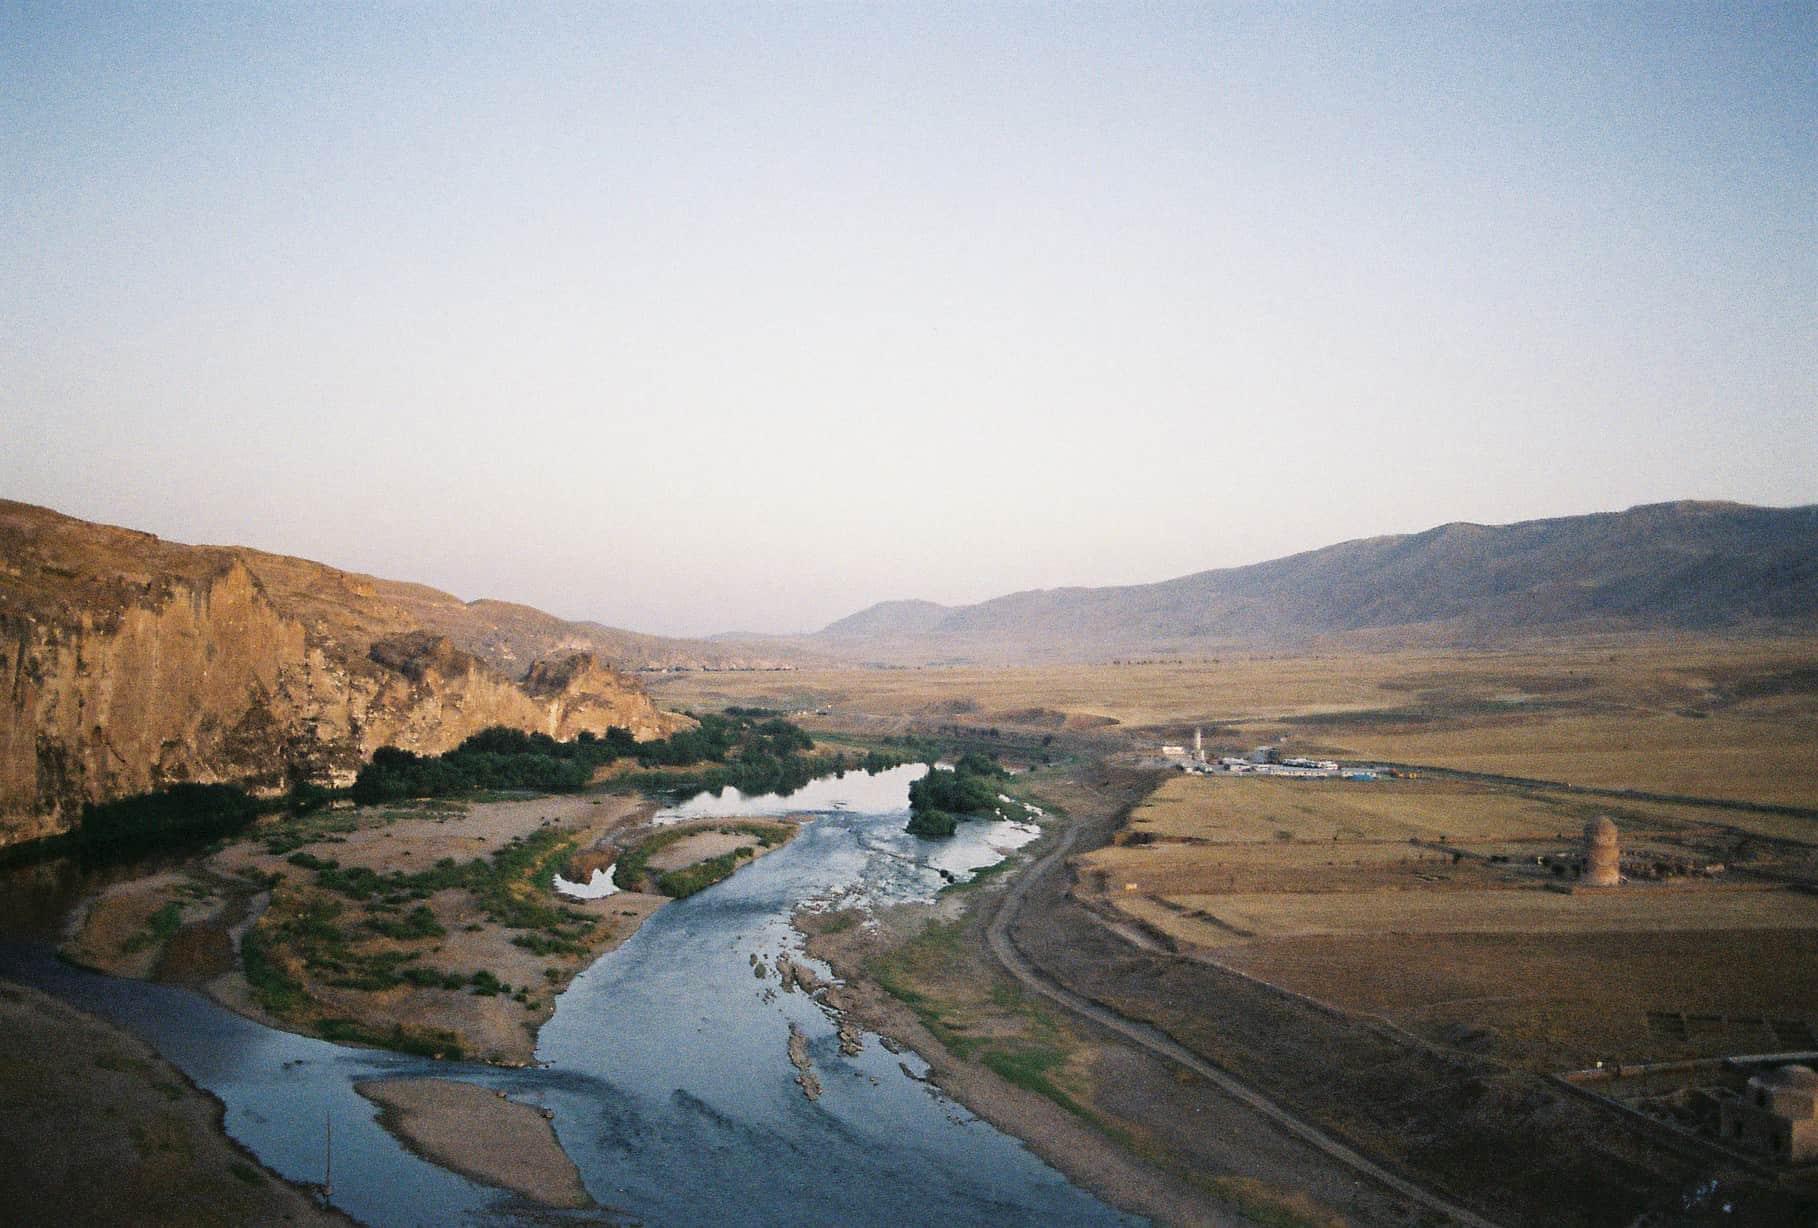 The Tigris River at Sunrise